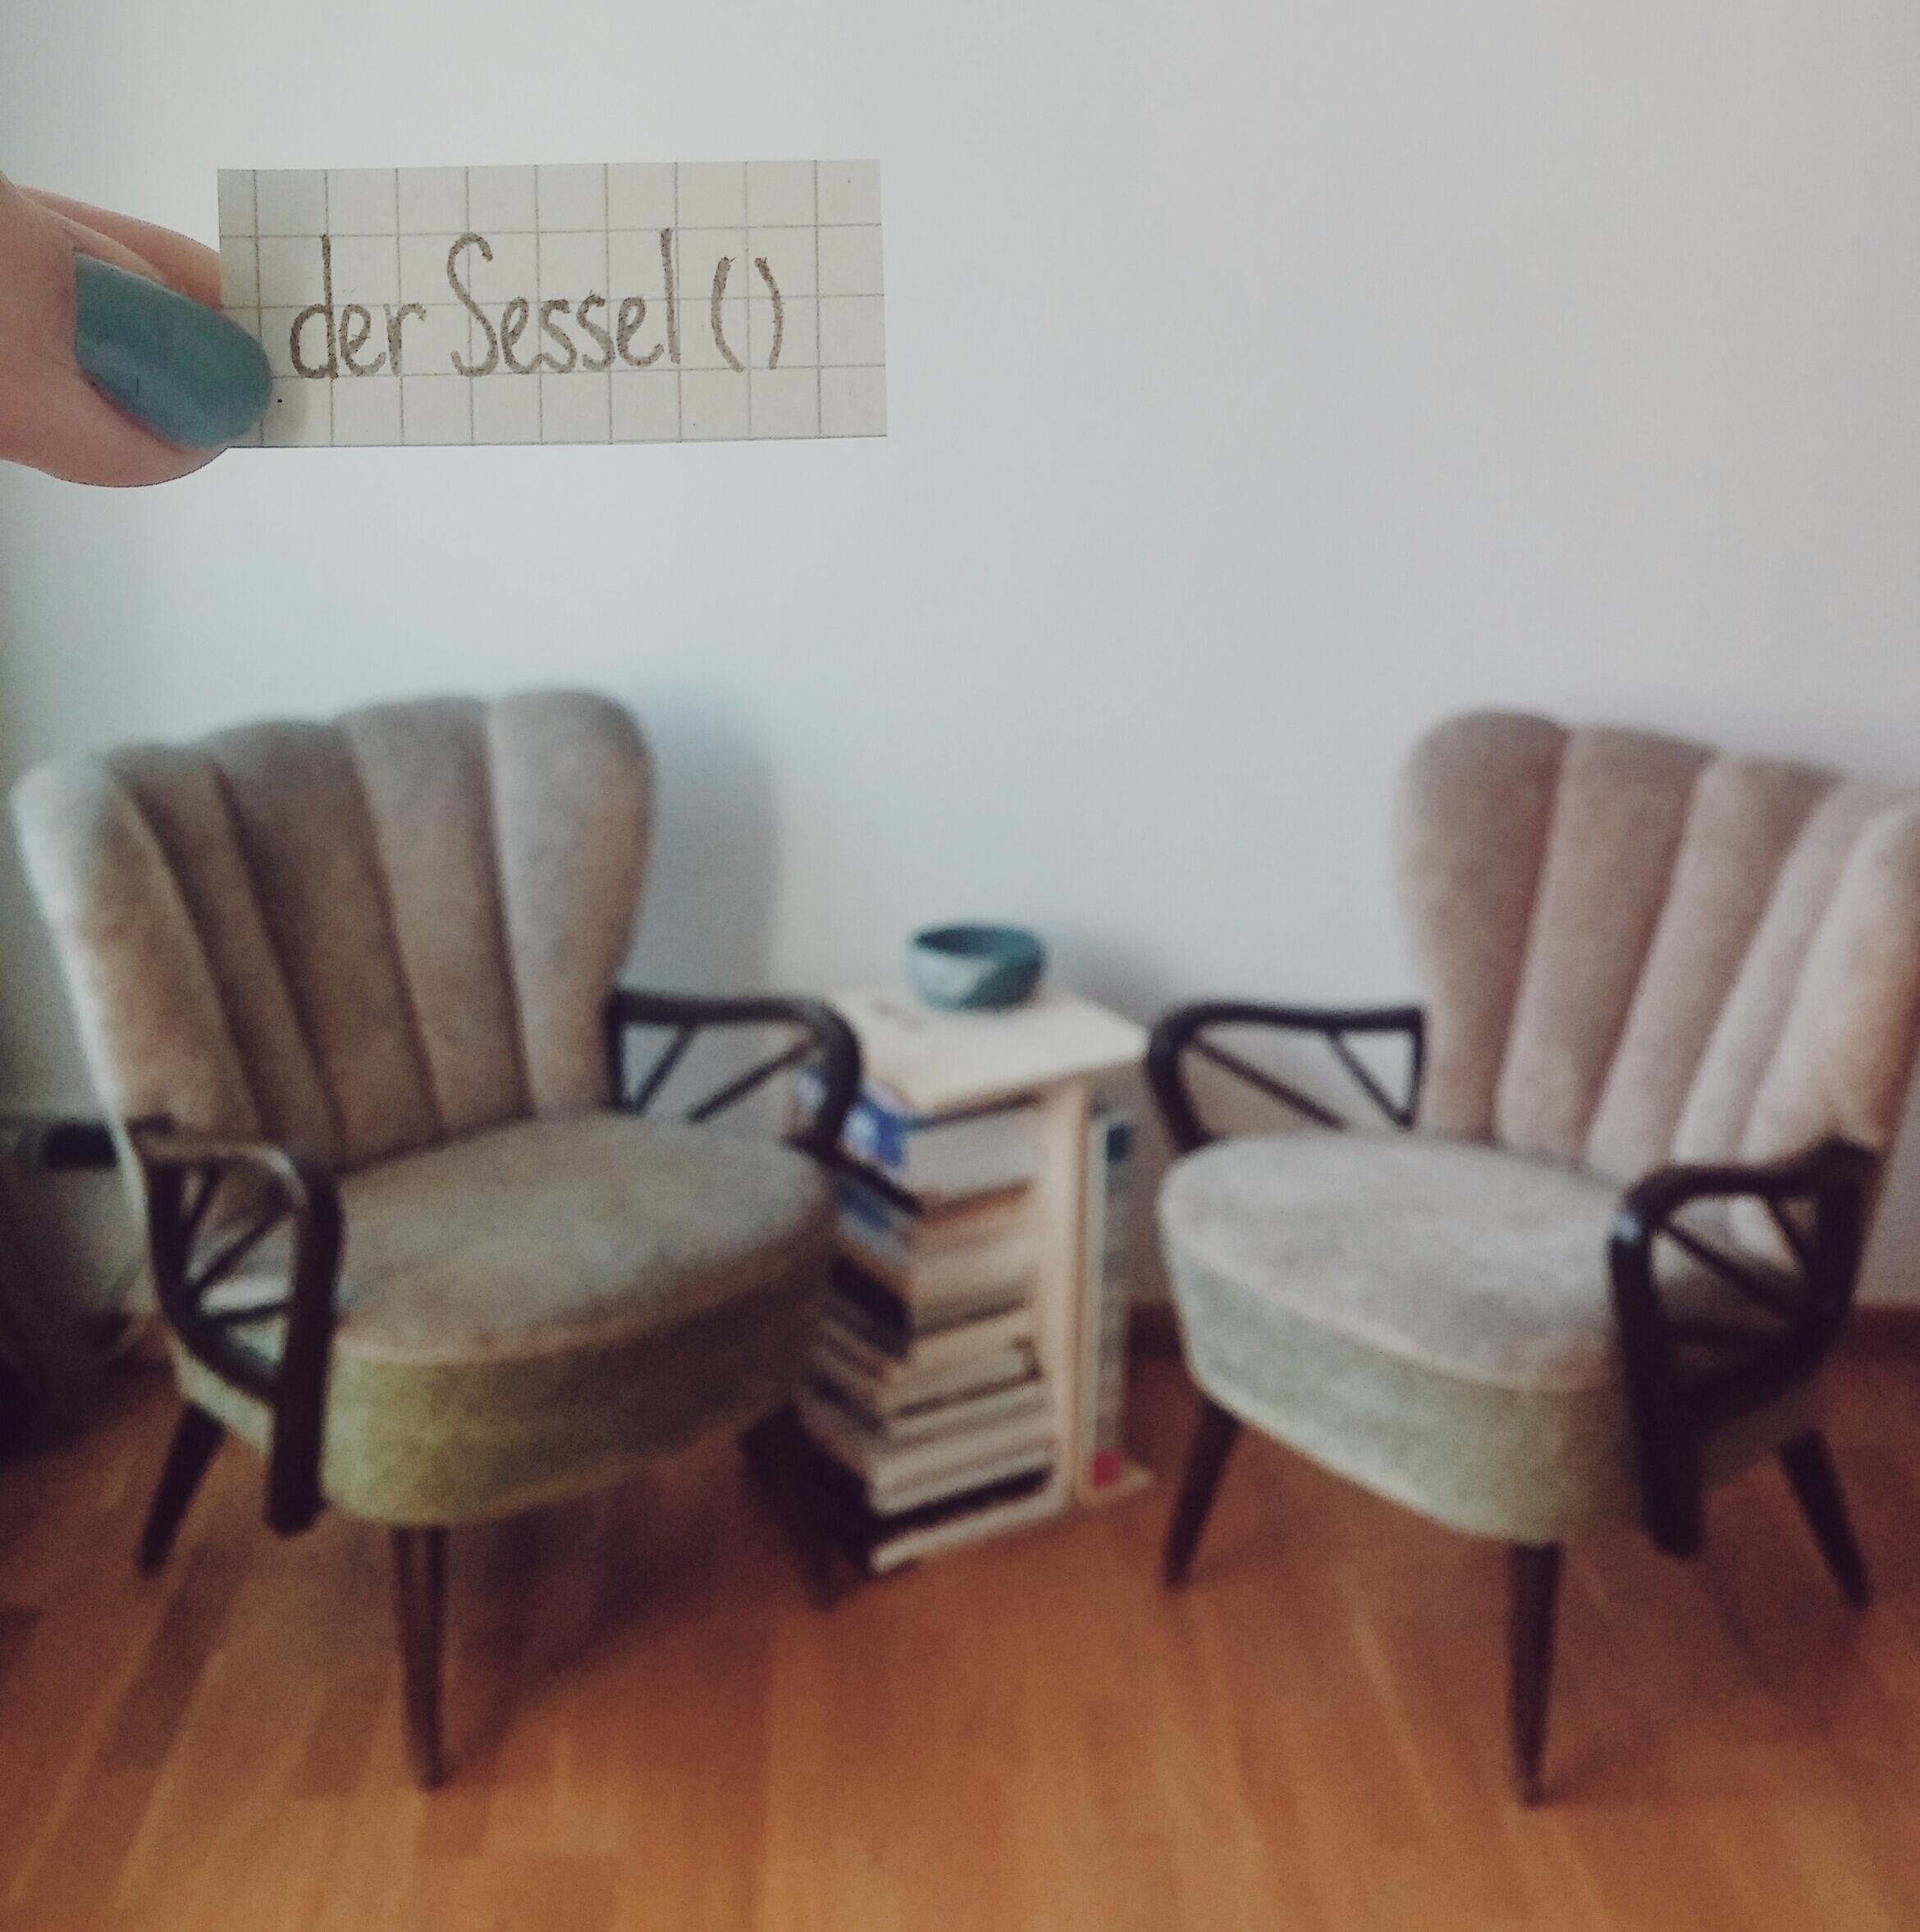 der Sessel — Days of Deutsch